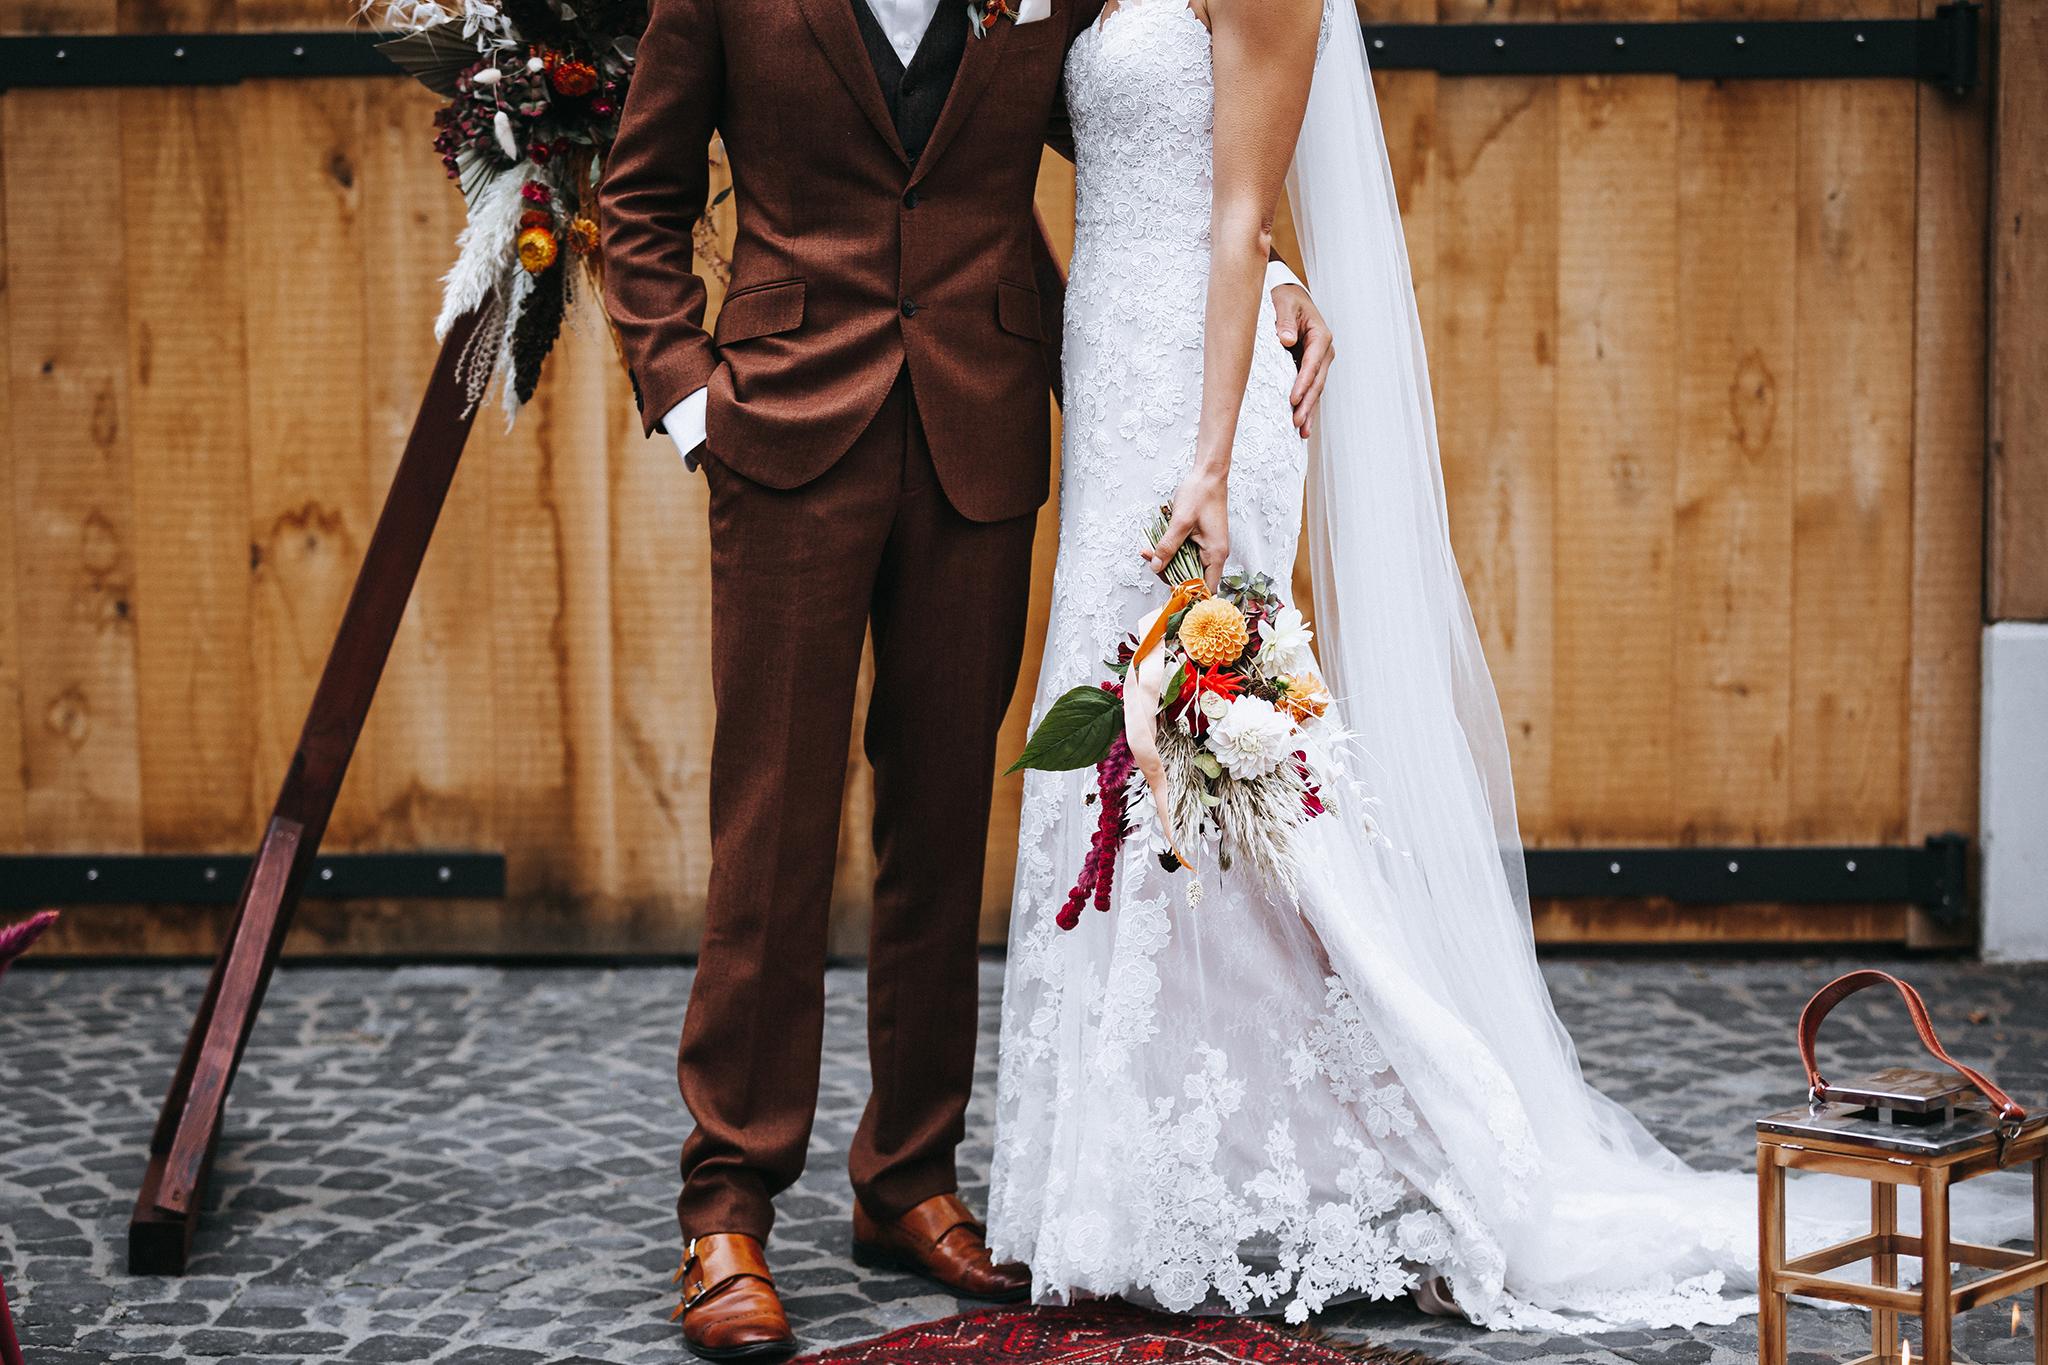 bruidsfotografie Kim Vos Fotografie Nuenen Het Klooster bruiloft trouwen love